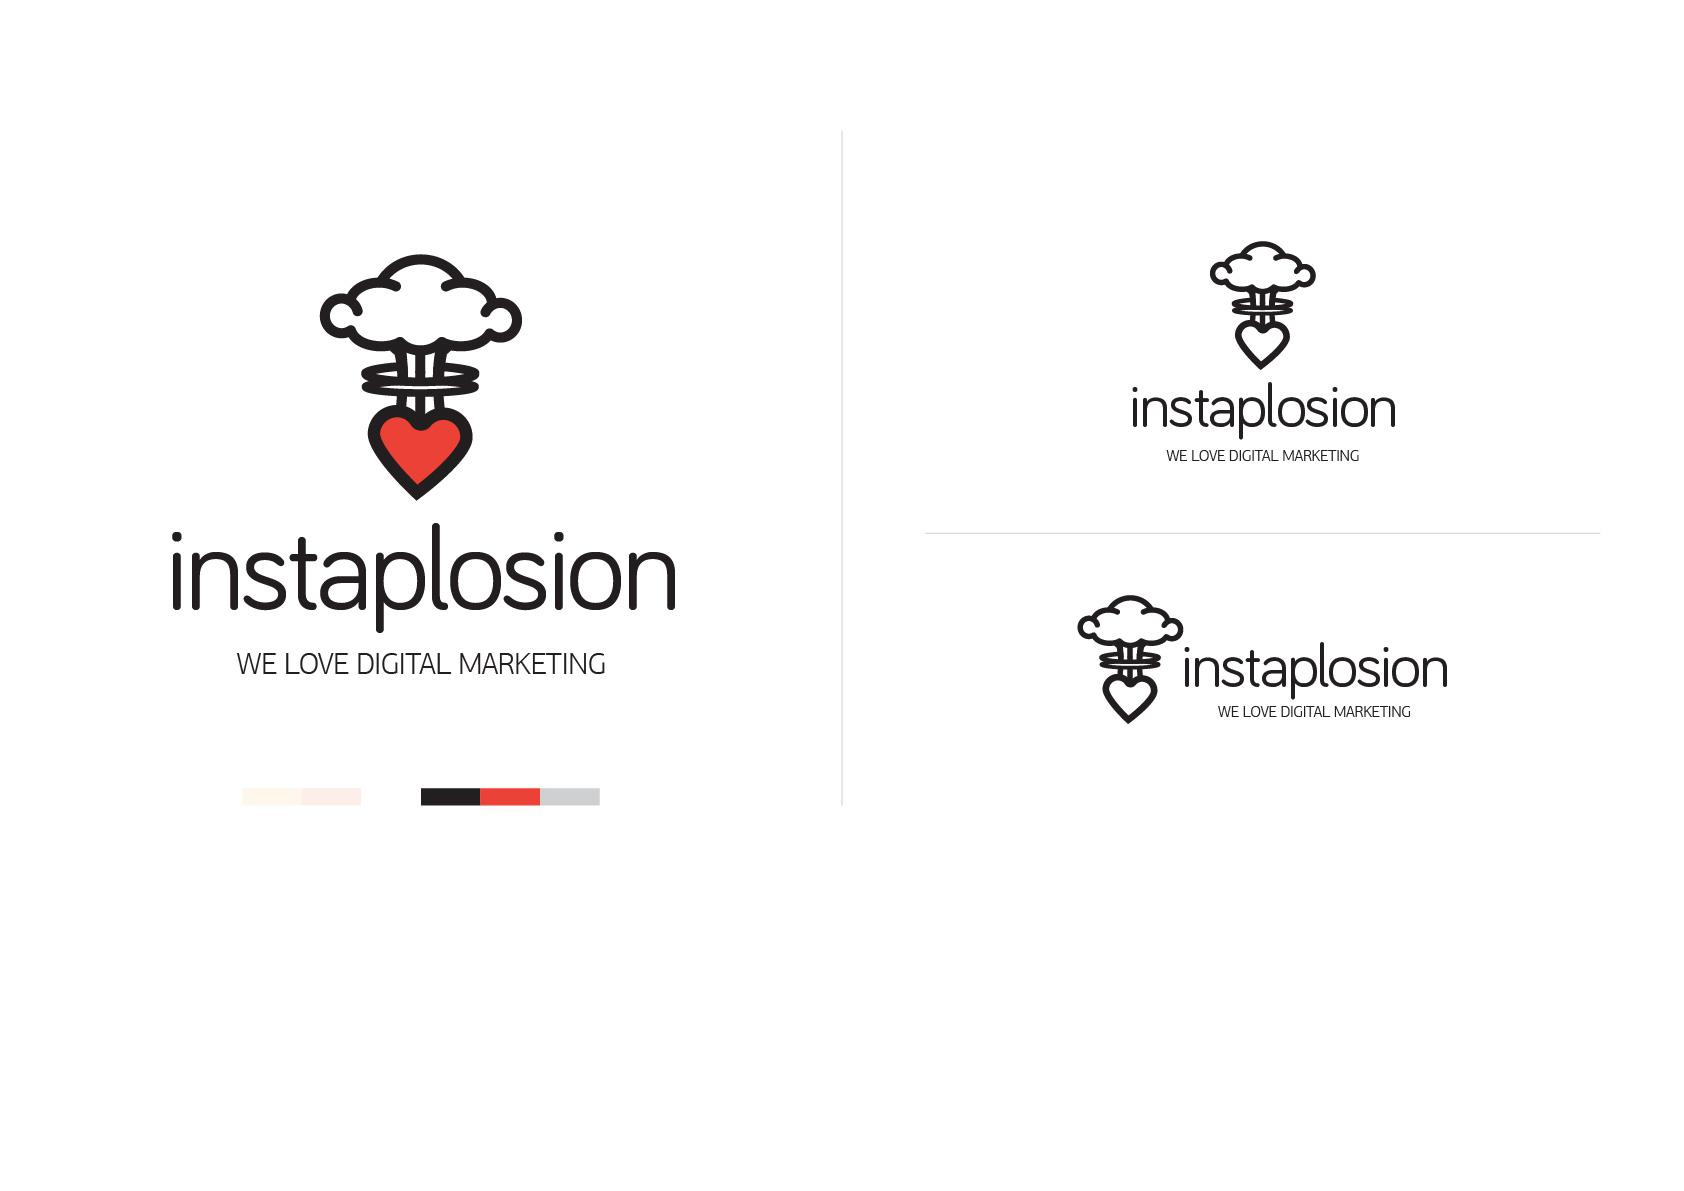 instaplosion-17